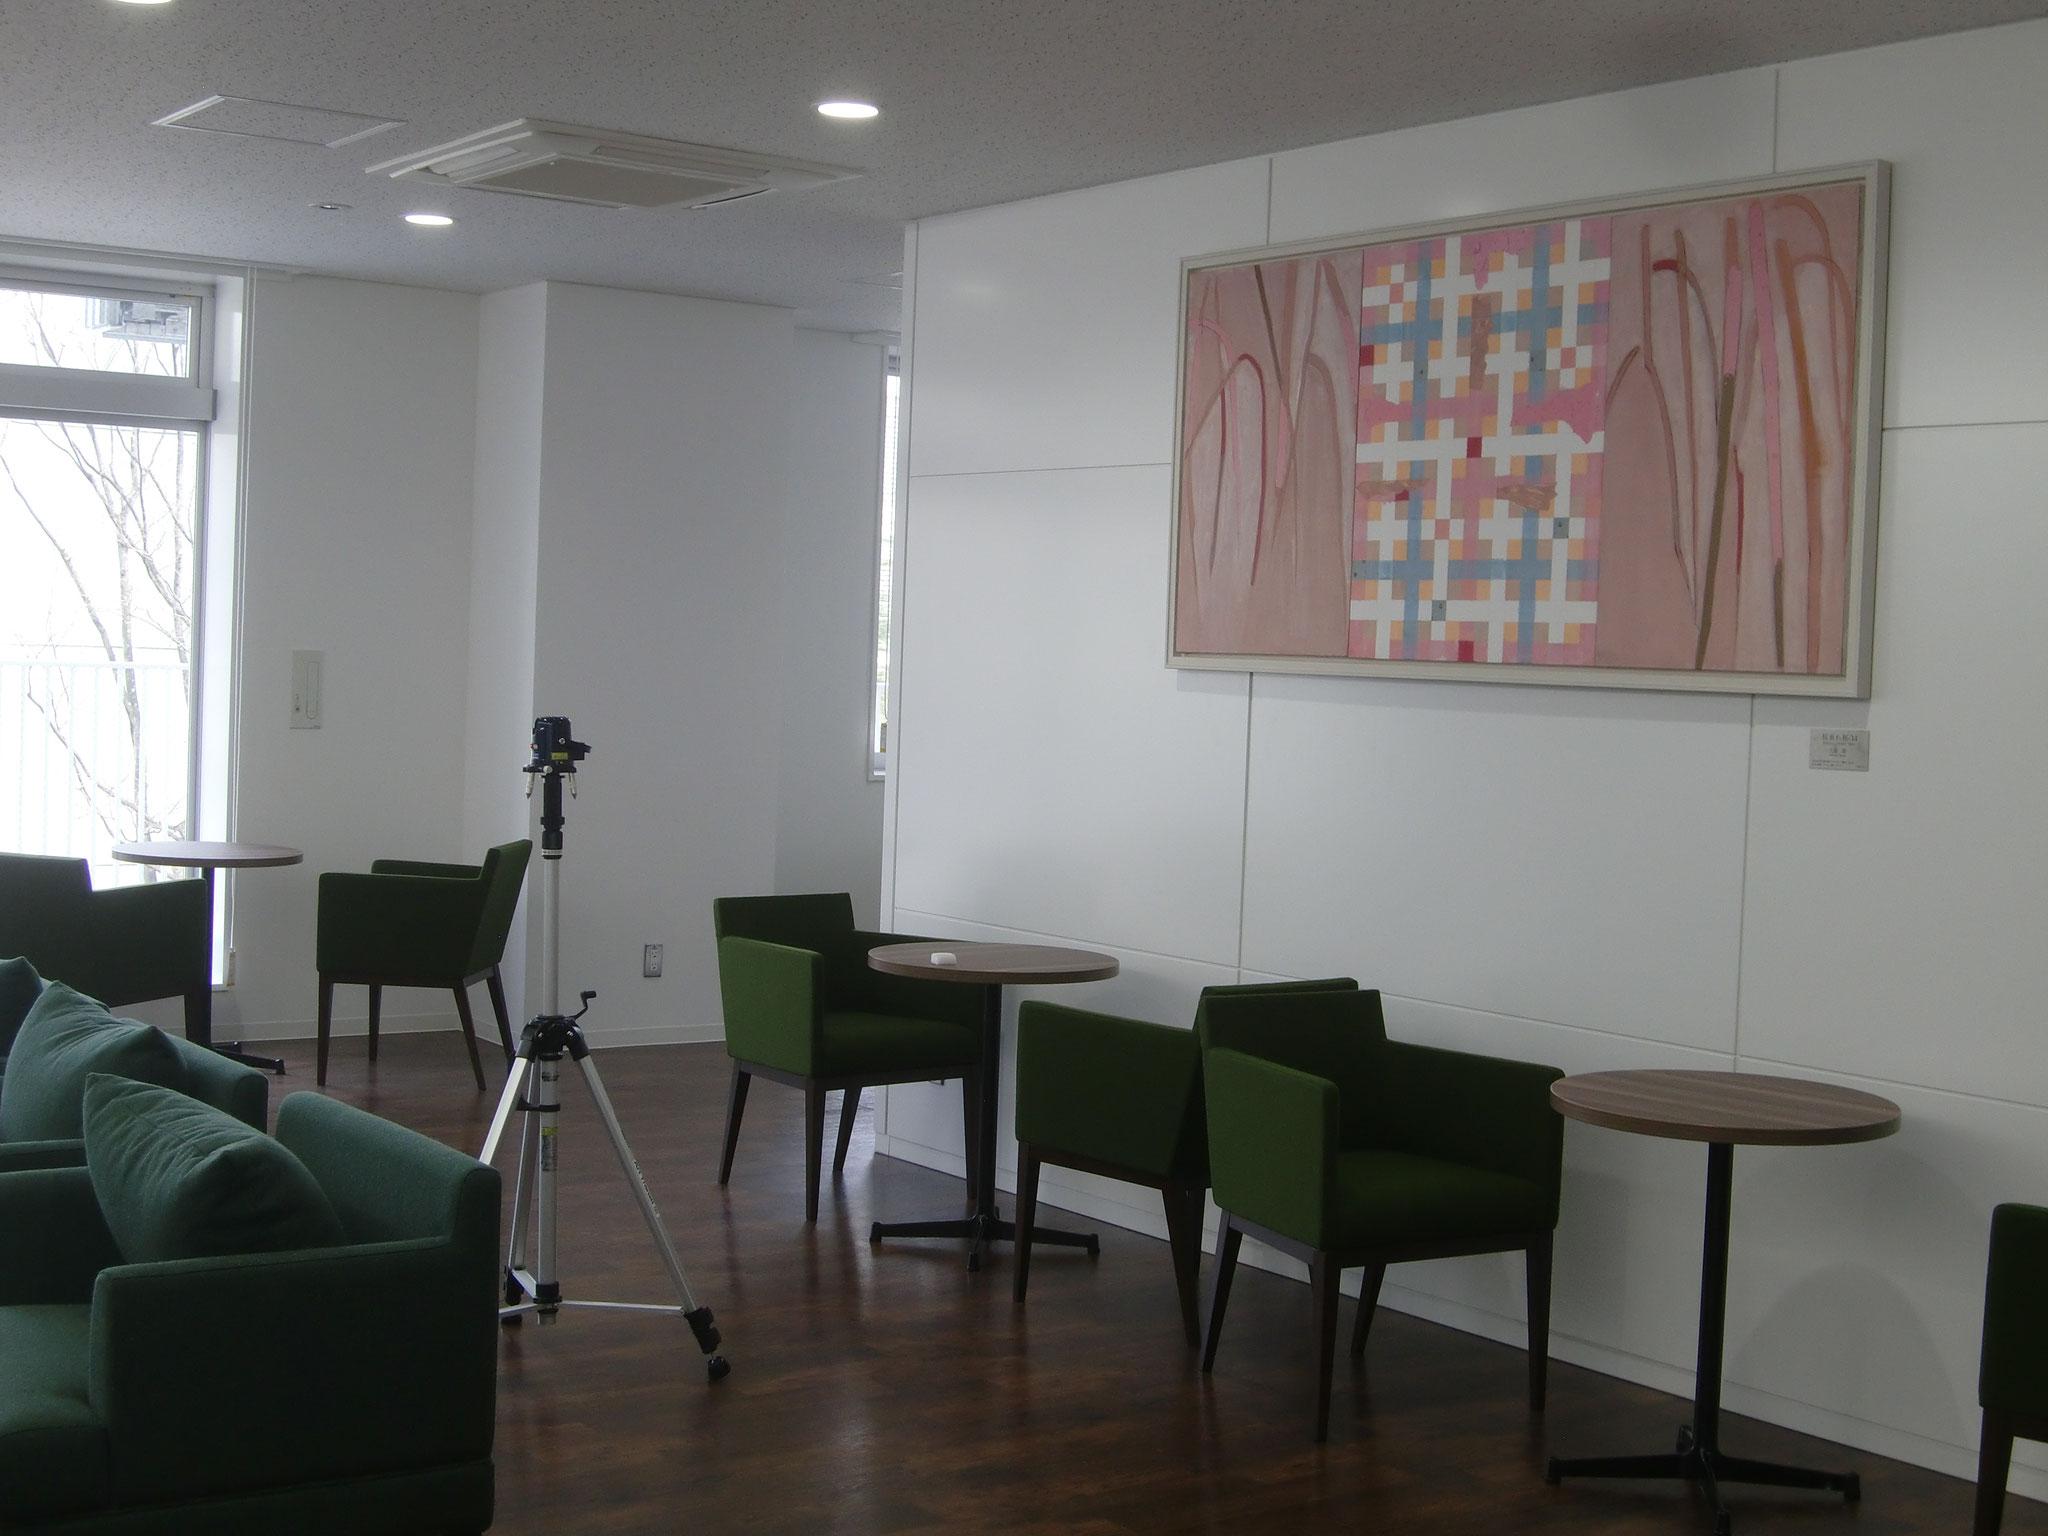 「枝垂れ桜-'14」油彩画 2014年  大森 翠